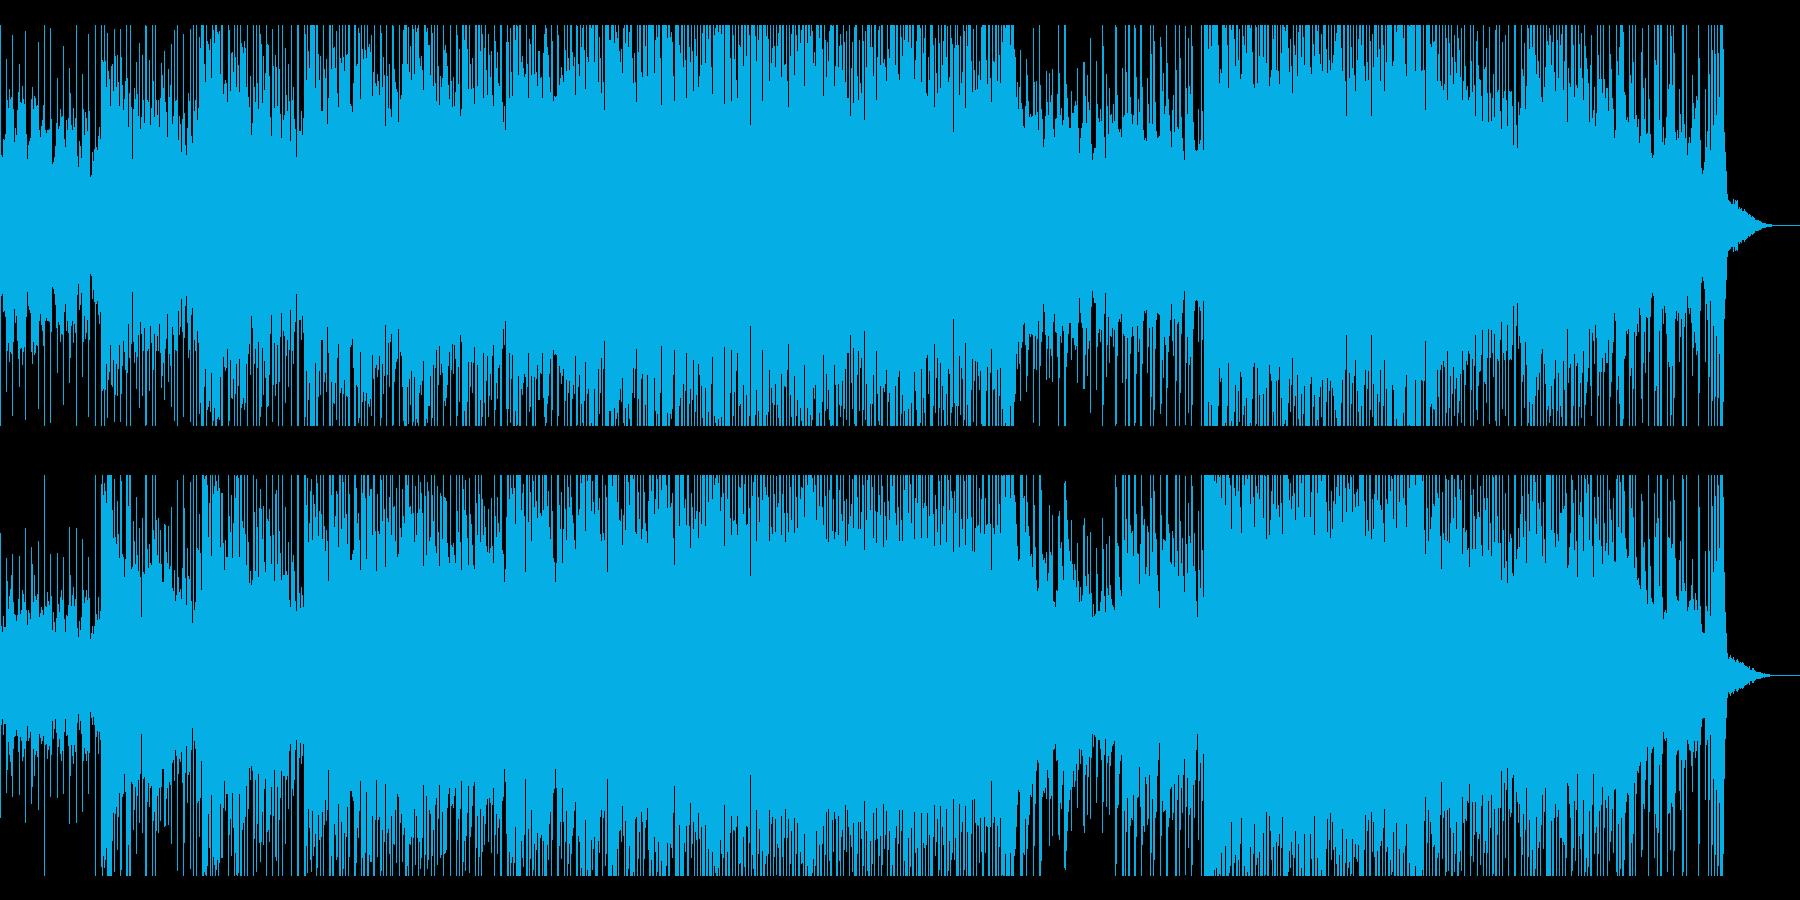 気だるい雰囲気と切ないメロディが印象的の再生済みの波形